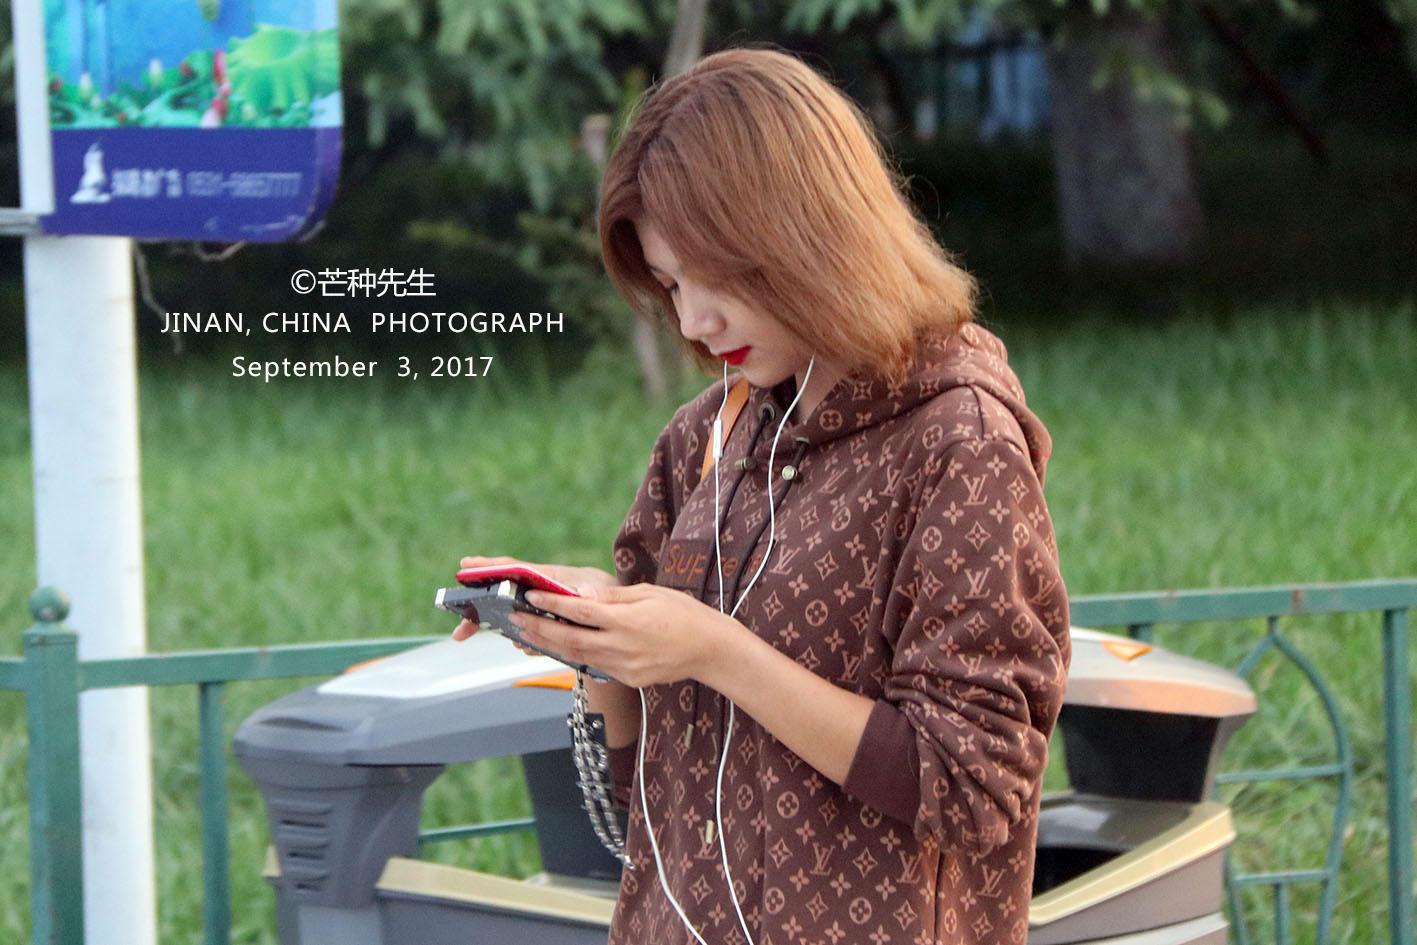 济南泉城美女,每天都多广场啊!的躺倒美女图片